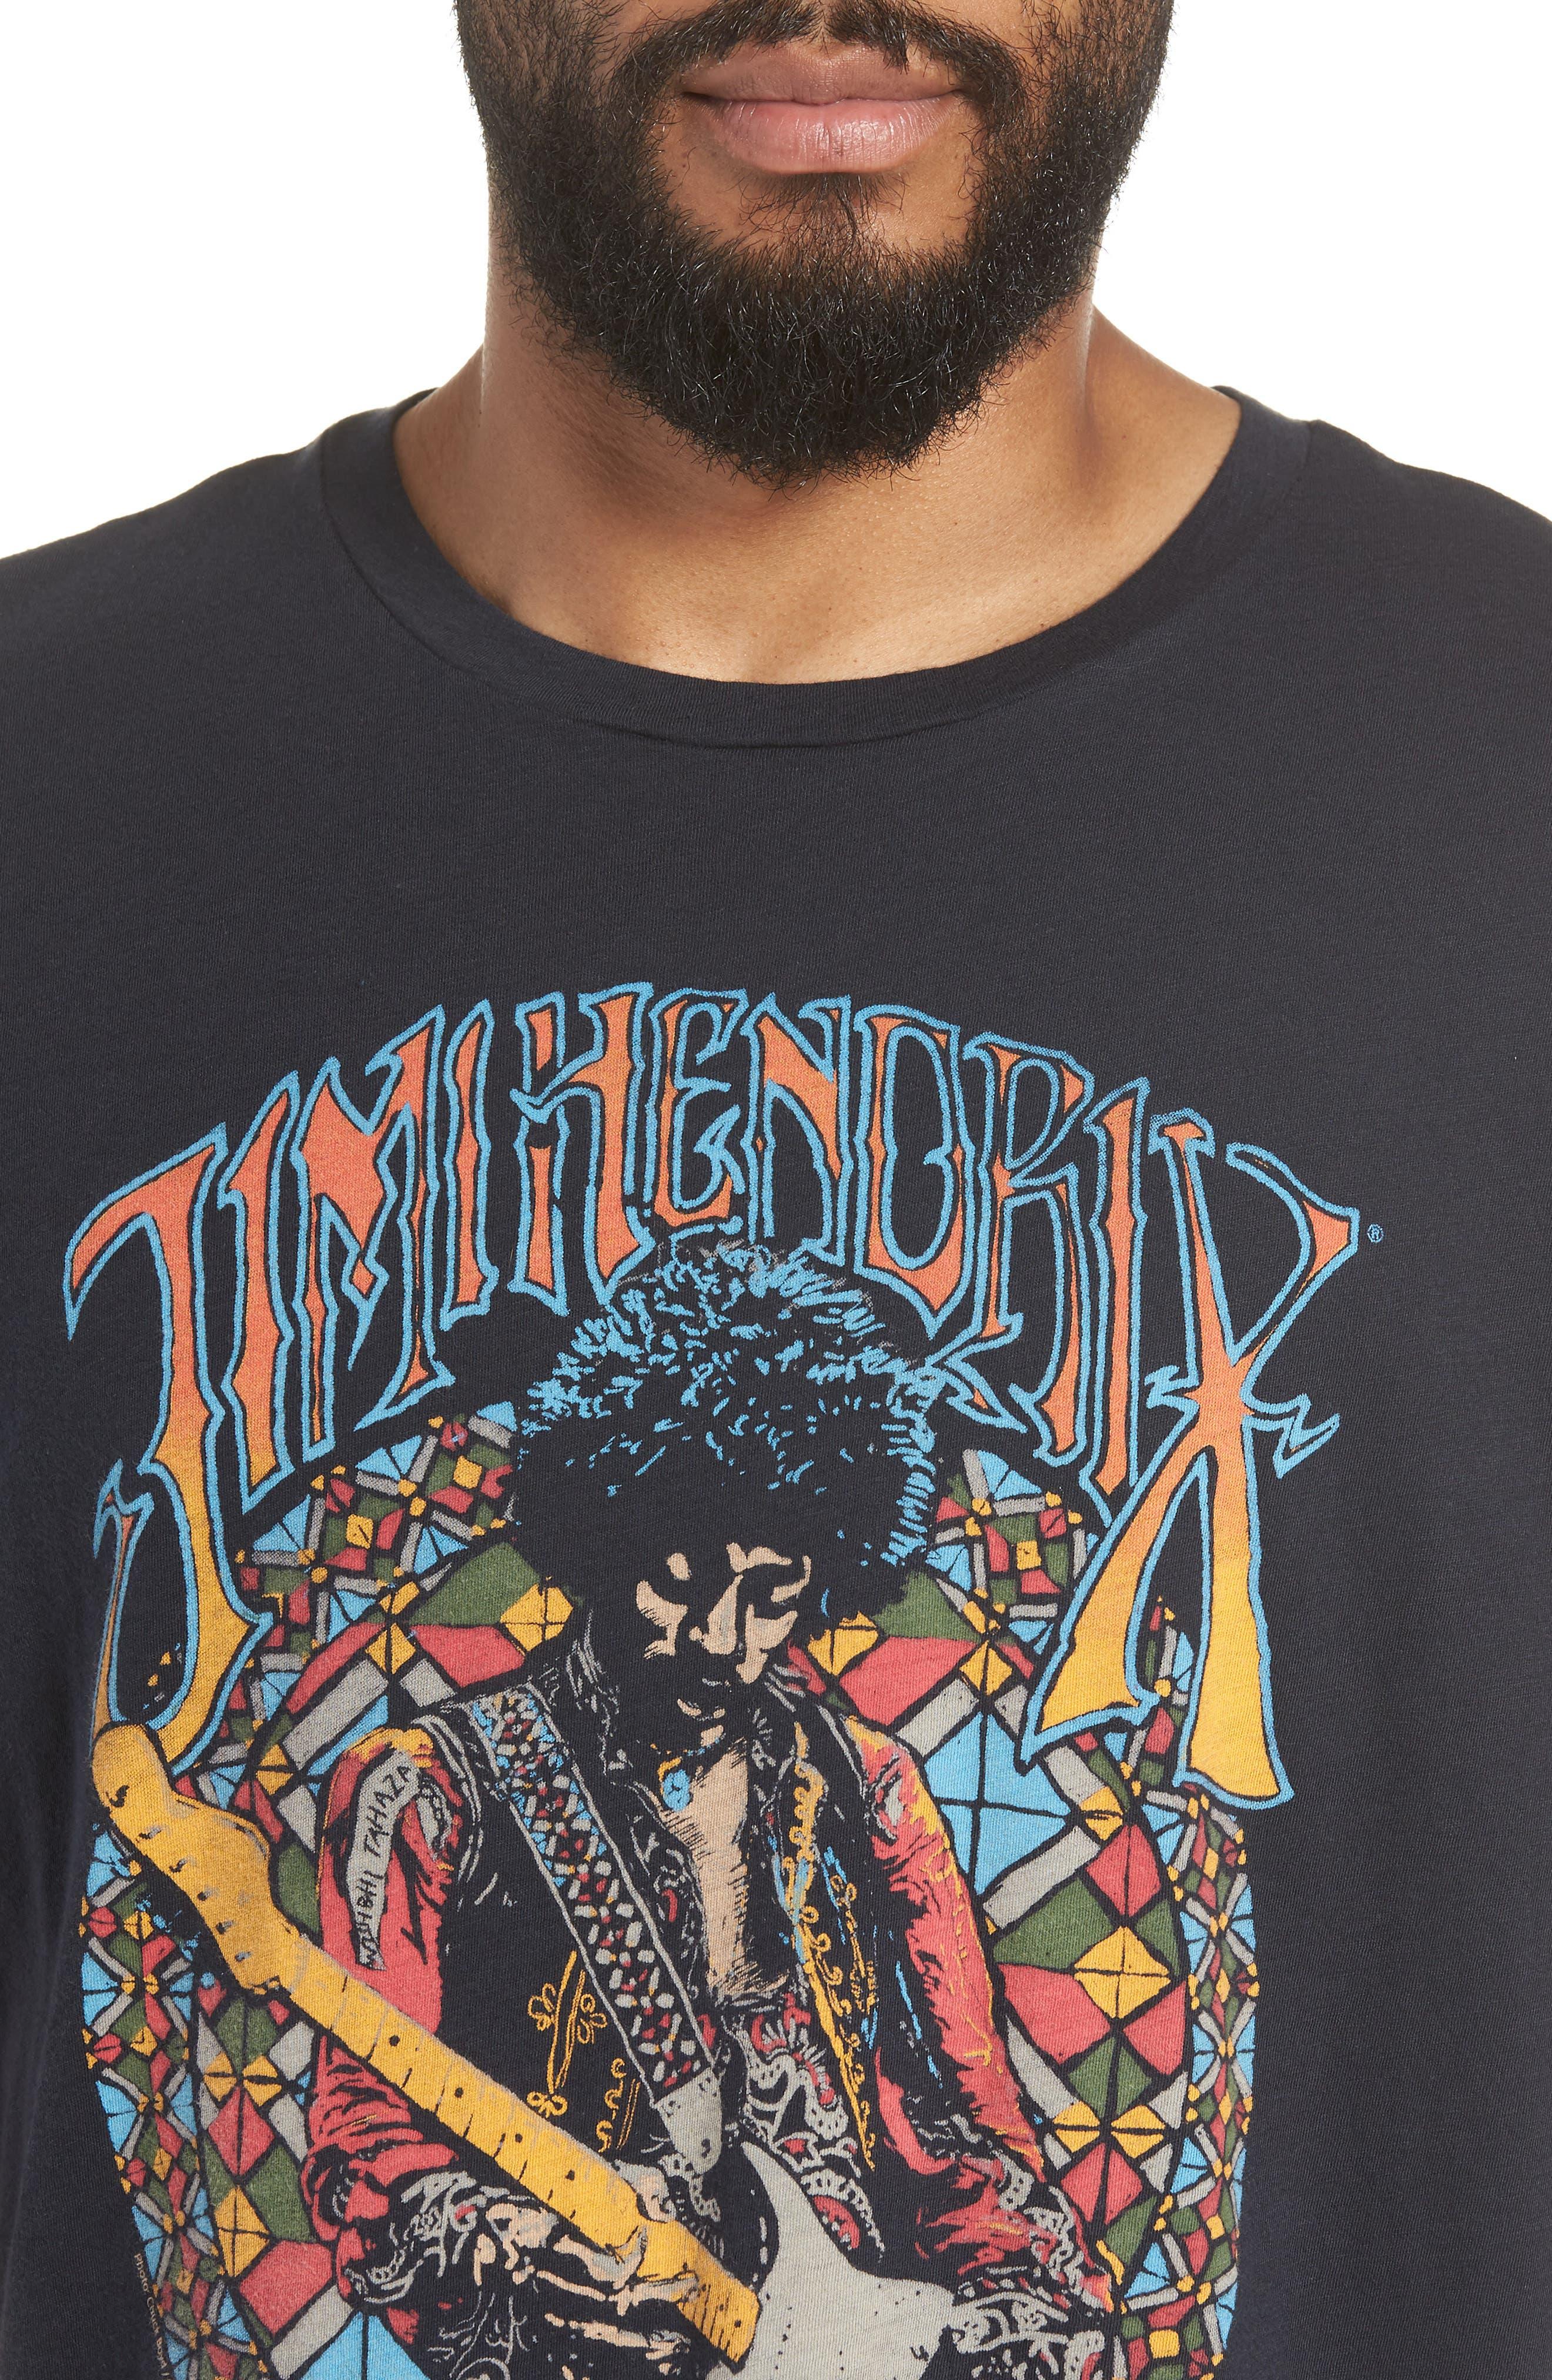 Jimi Hendrix Trim Fit T-Shirt,                             Alternate thumbnail 4, color,                             001